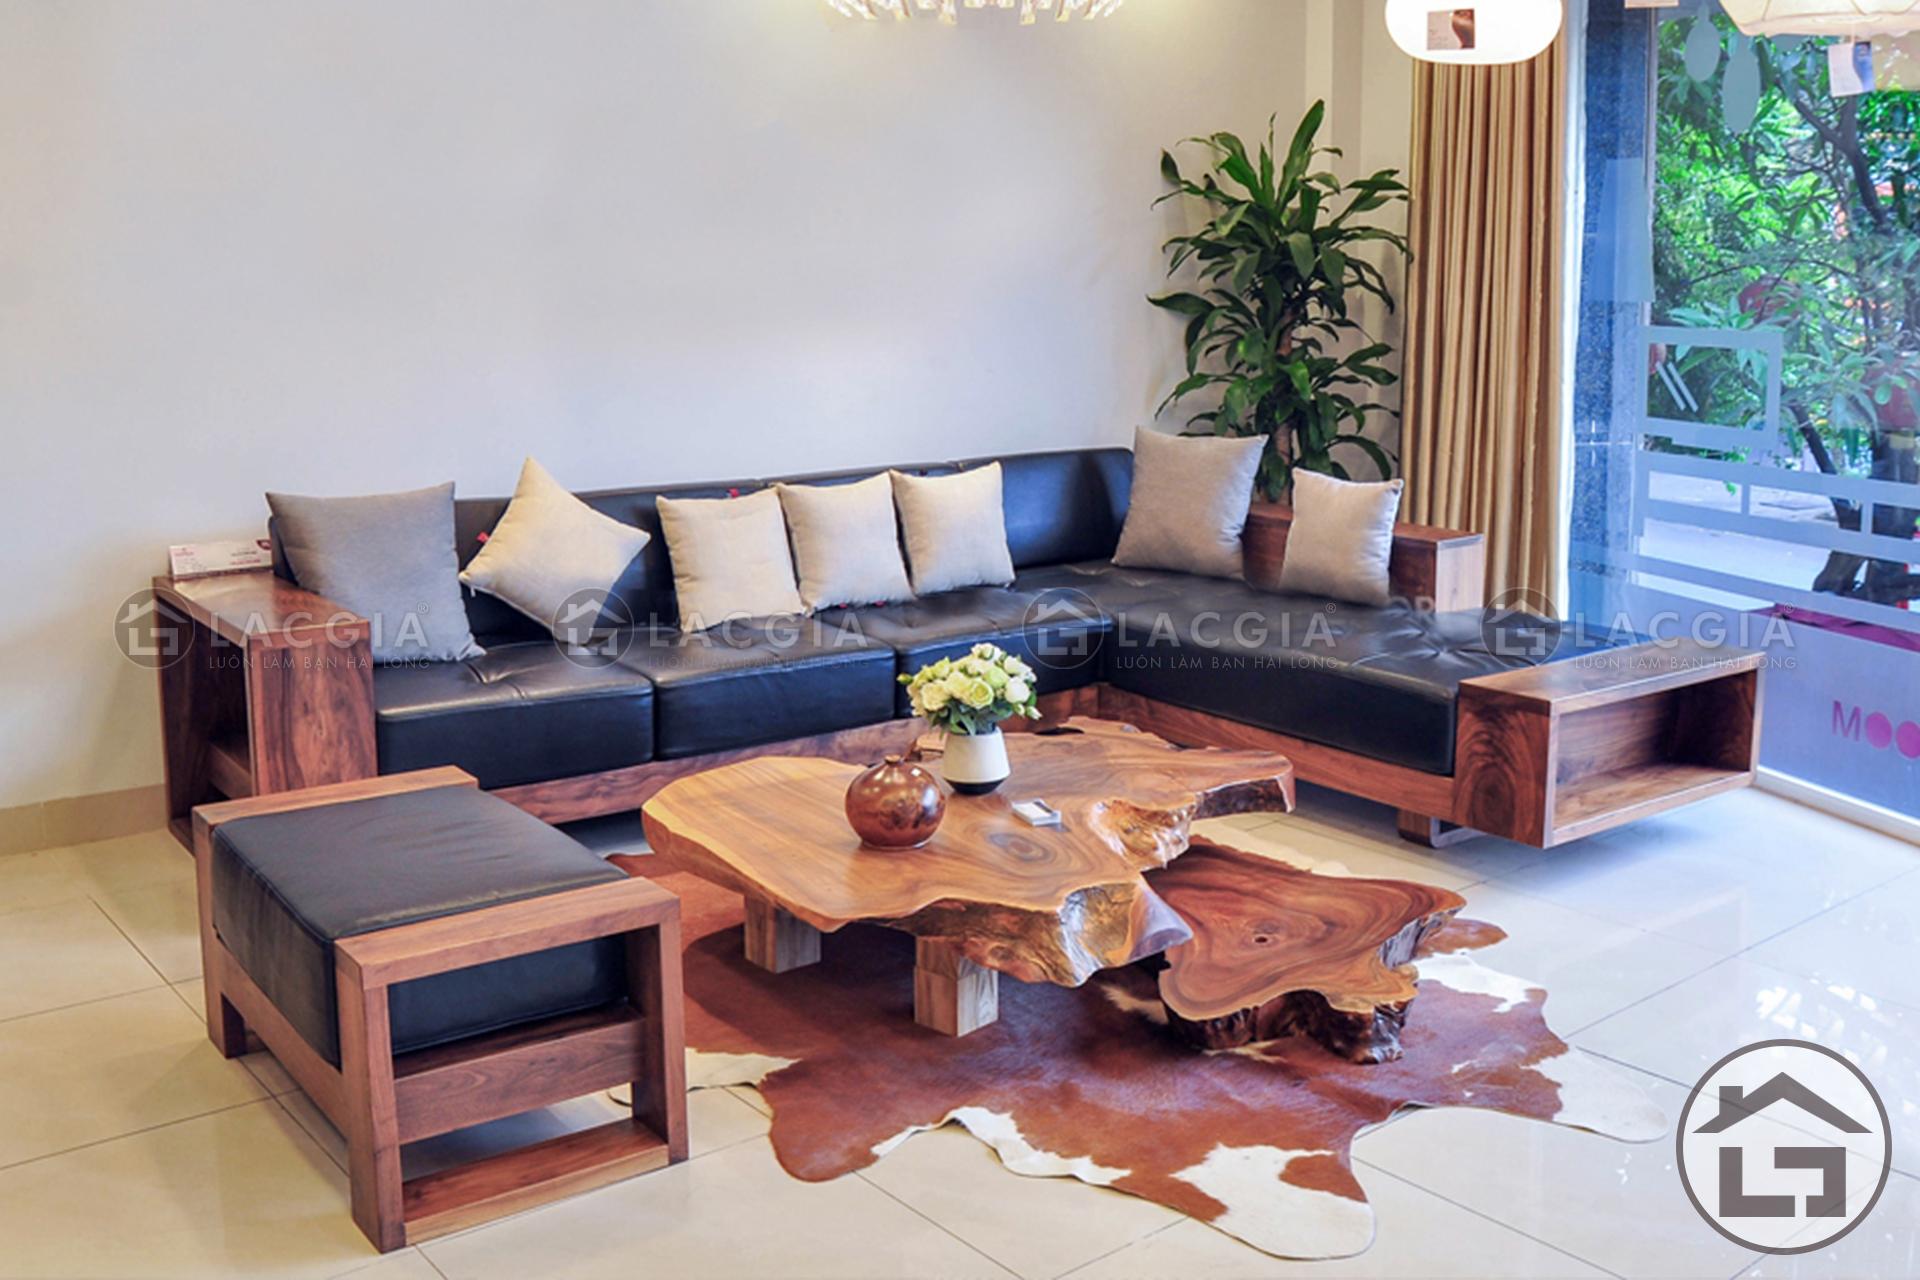 Sử dụng sofa gỗ để trang trí cho phòng khách đang được nhiều gia đình lựa chọn